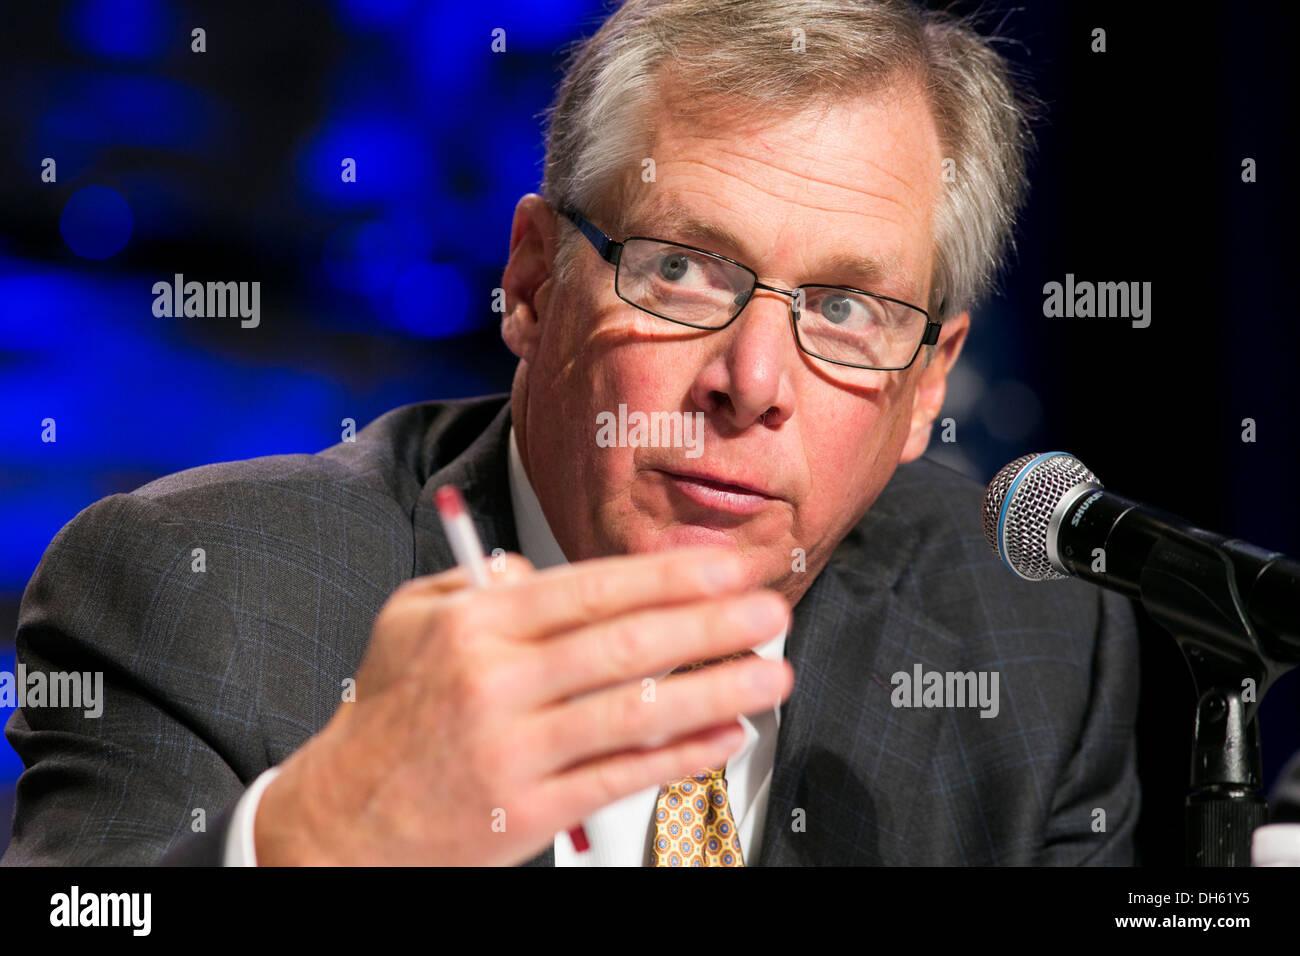 Doug Oberhelman, Chairman and CEO Of Caterpillar. - Stock Image